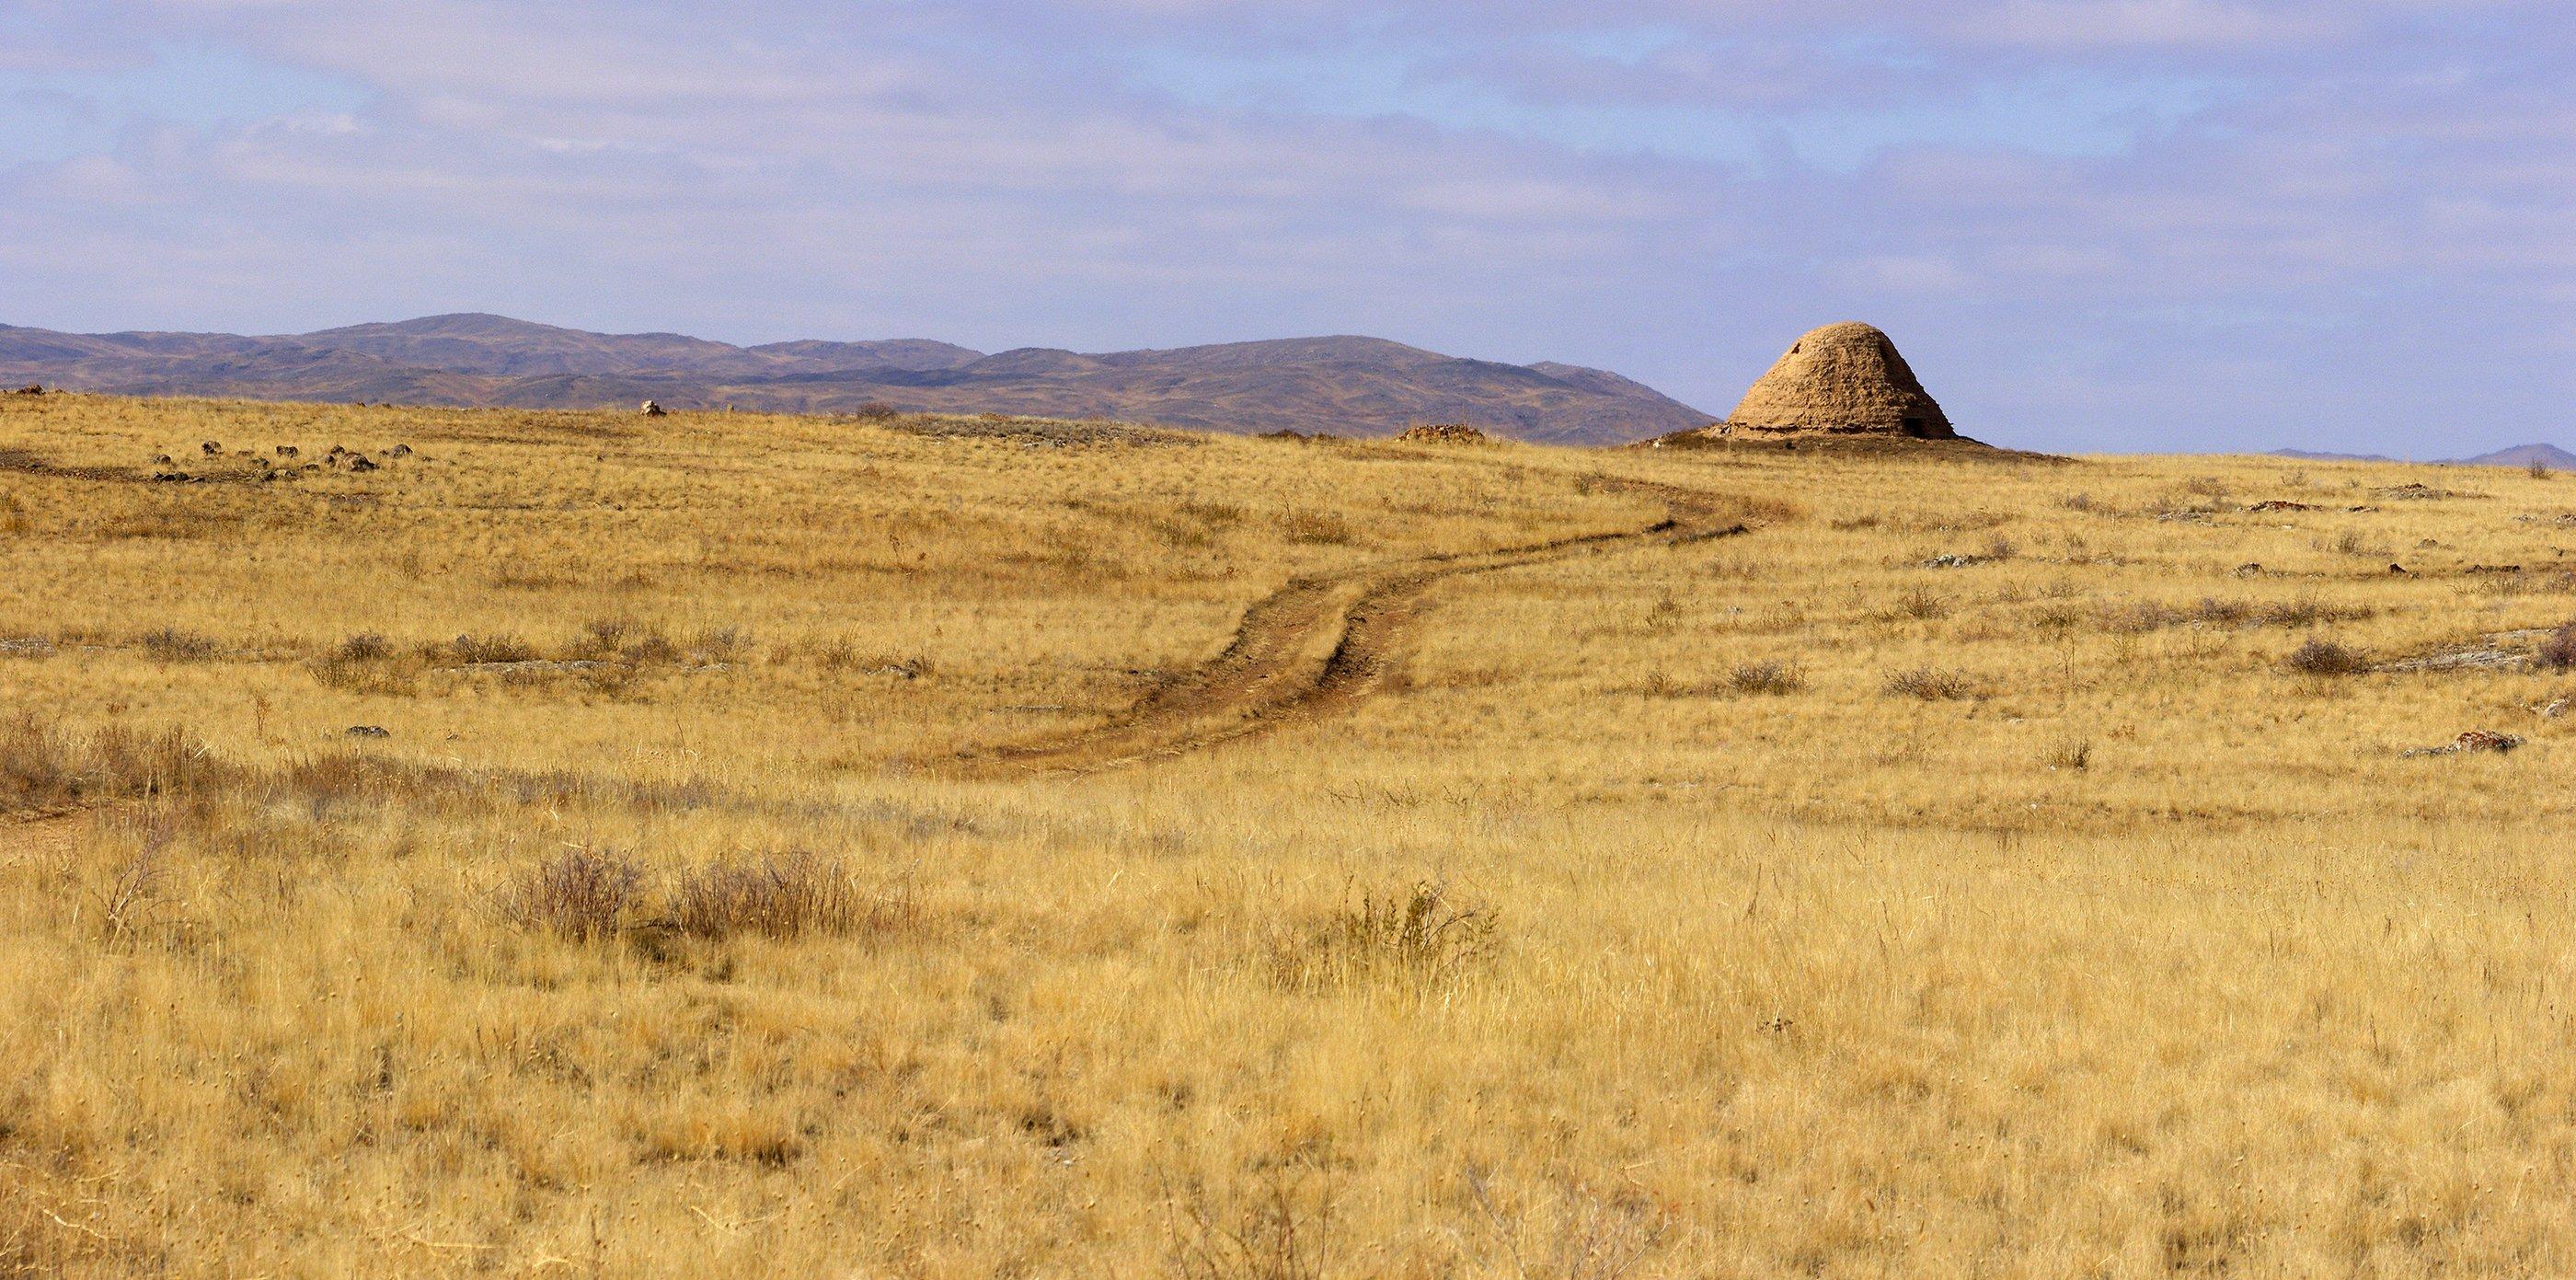 Казахстан, степь, Карагандинская область, Борис Резванцев